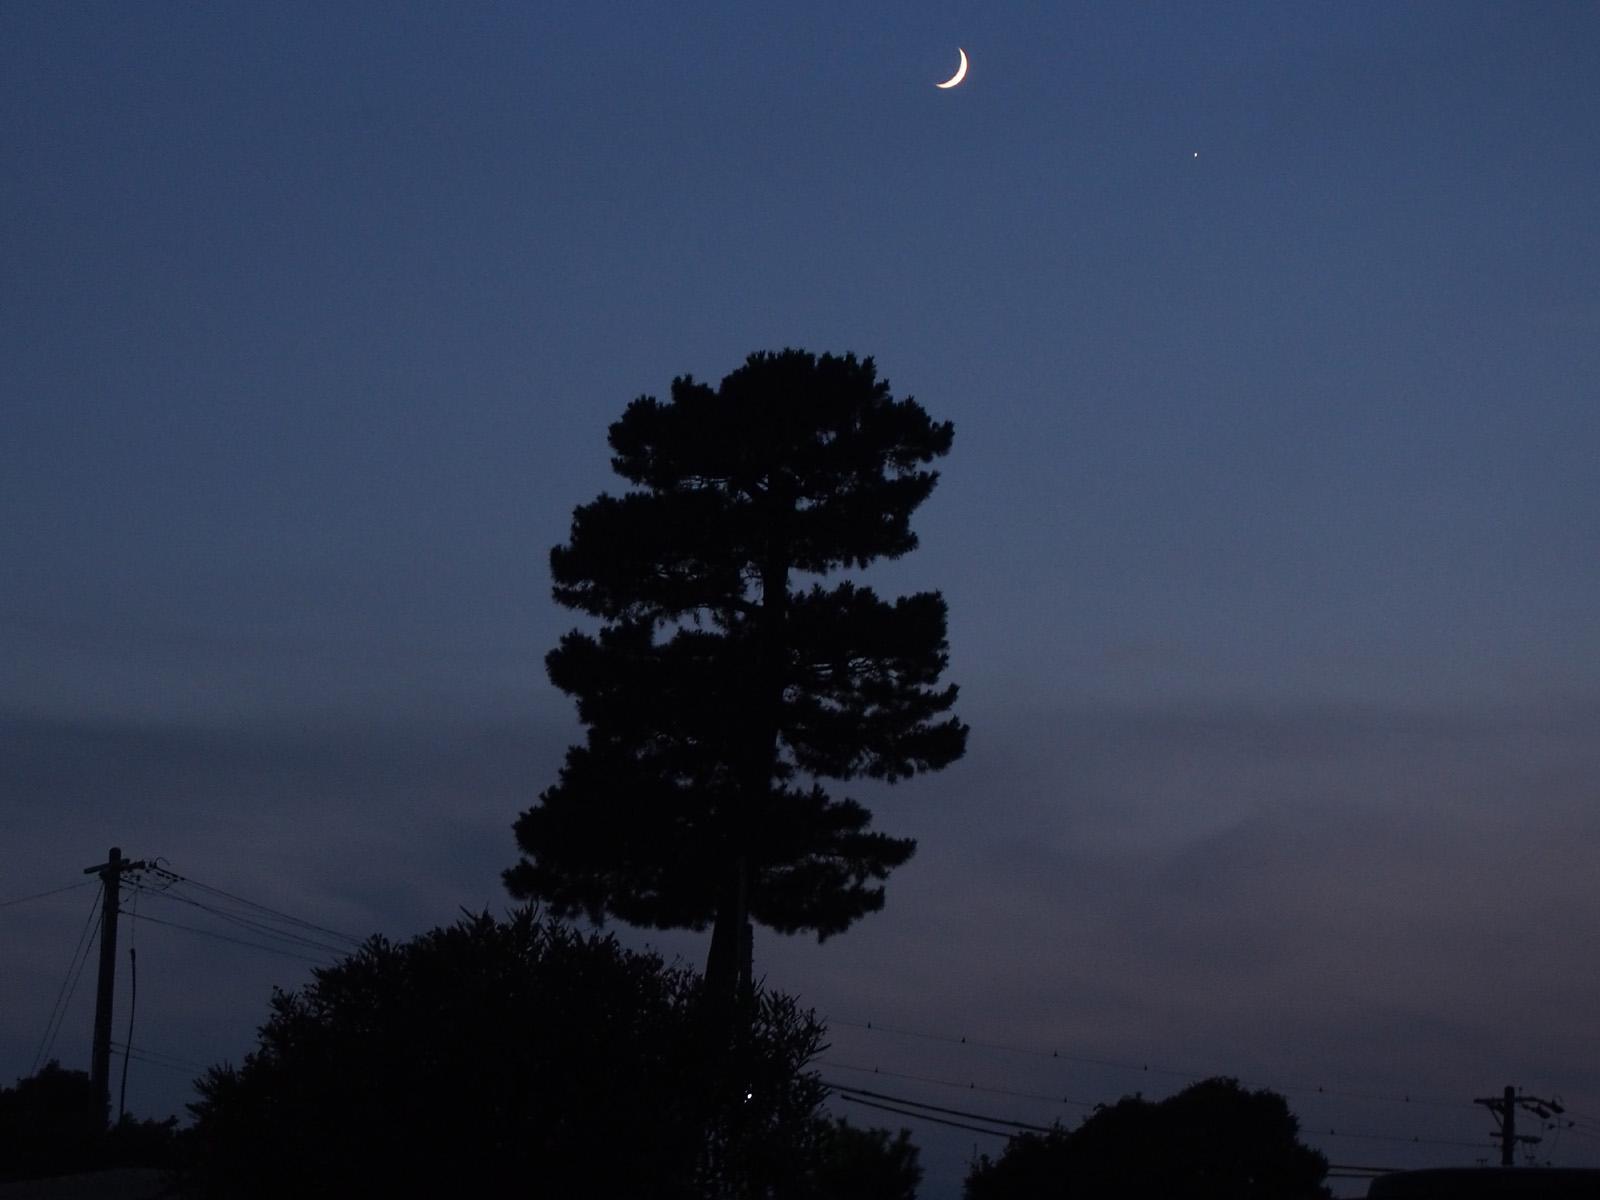 松の木の先の星